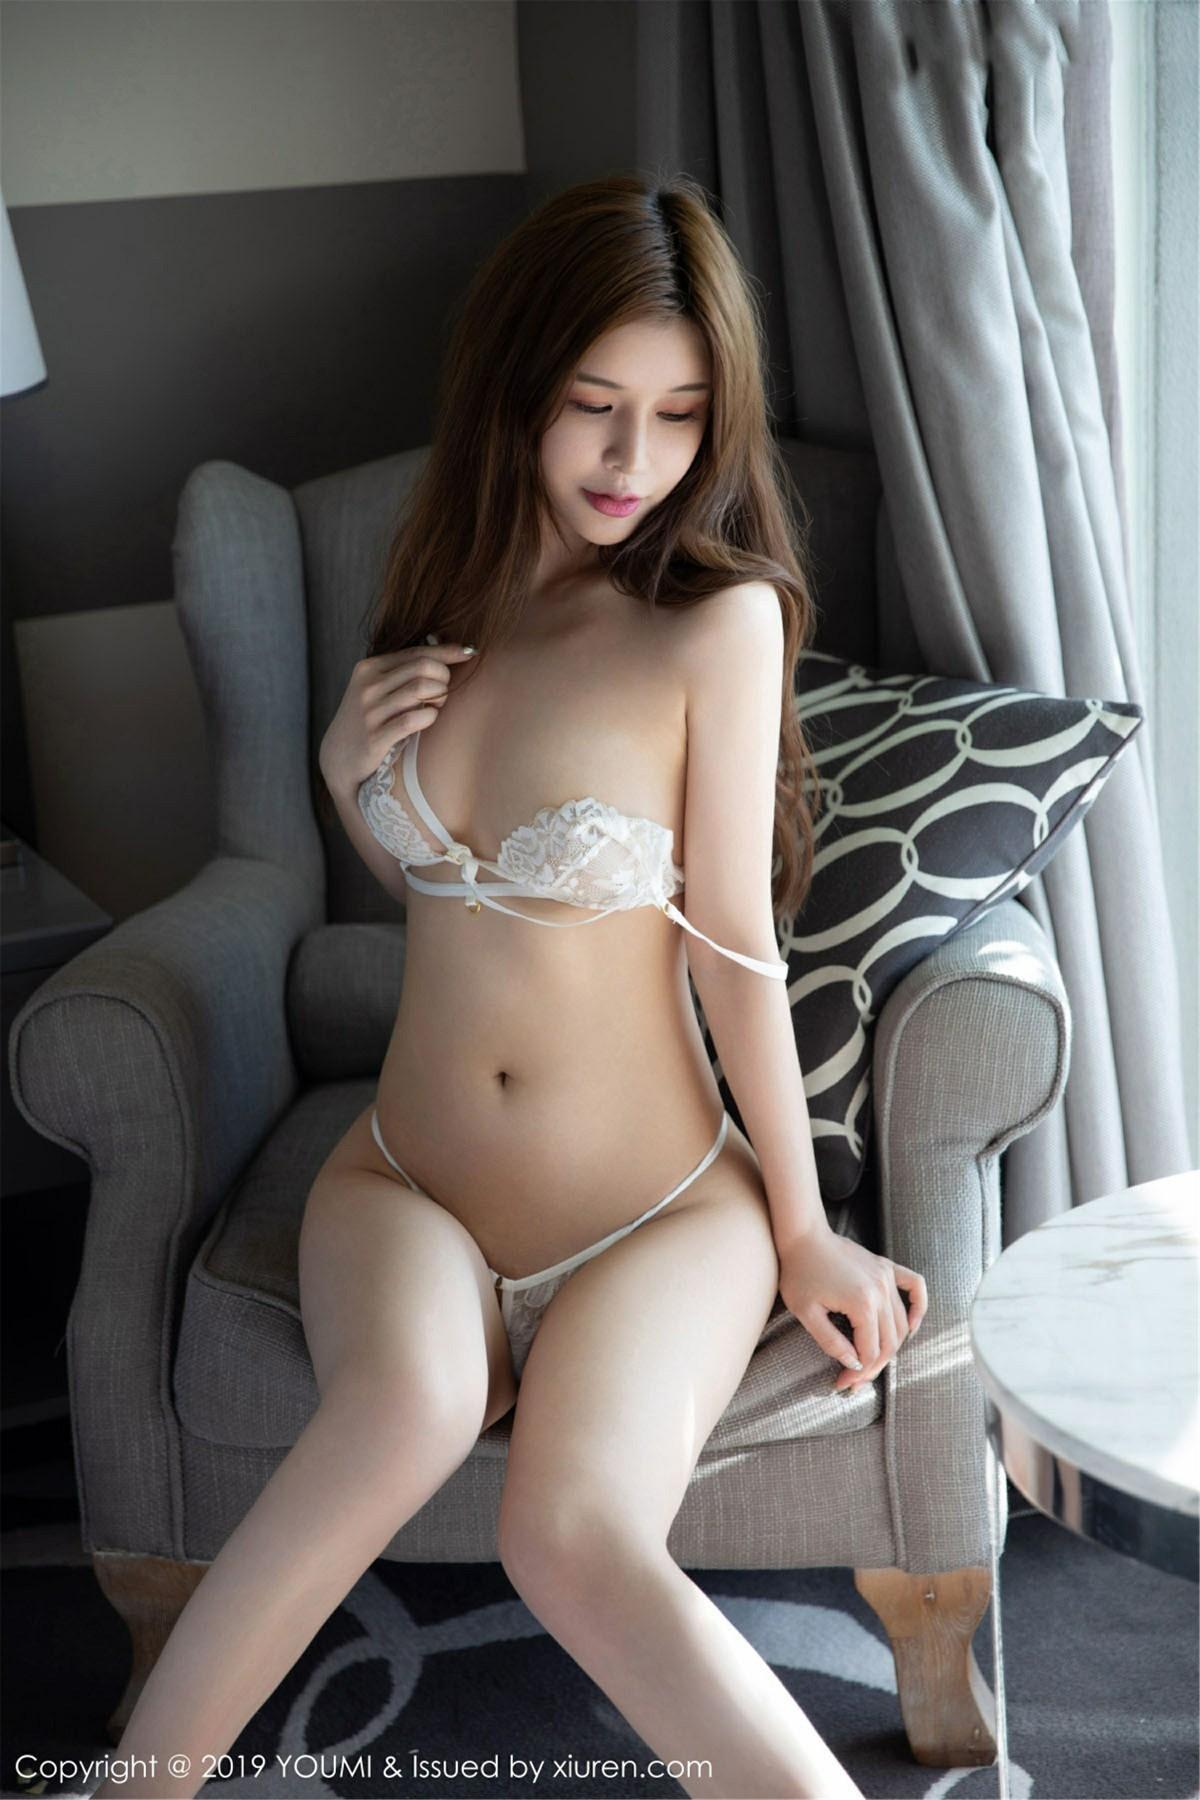 [YOUMI尤蜜荟]2019.06.24 VOL.322 张雨萌[42P] 尤蜜荟 第2张